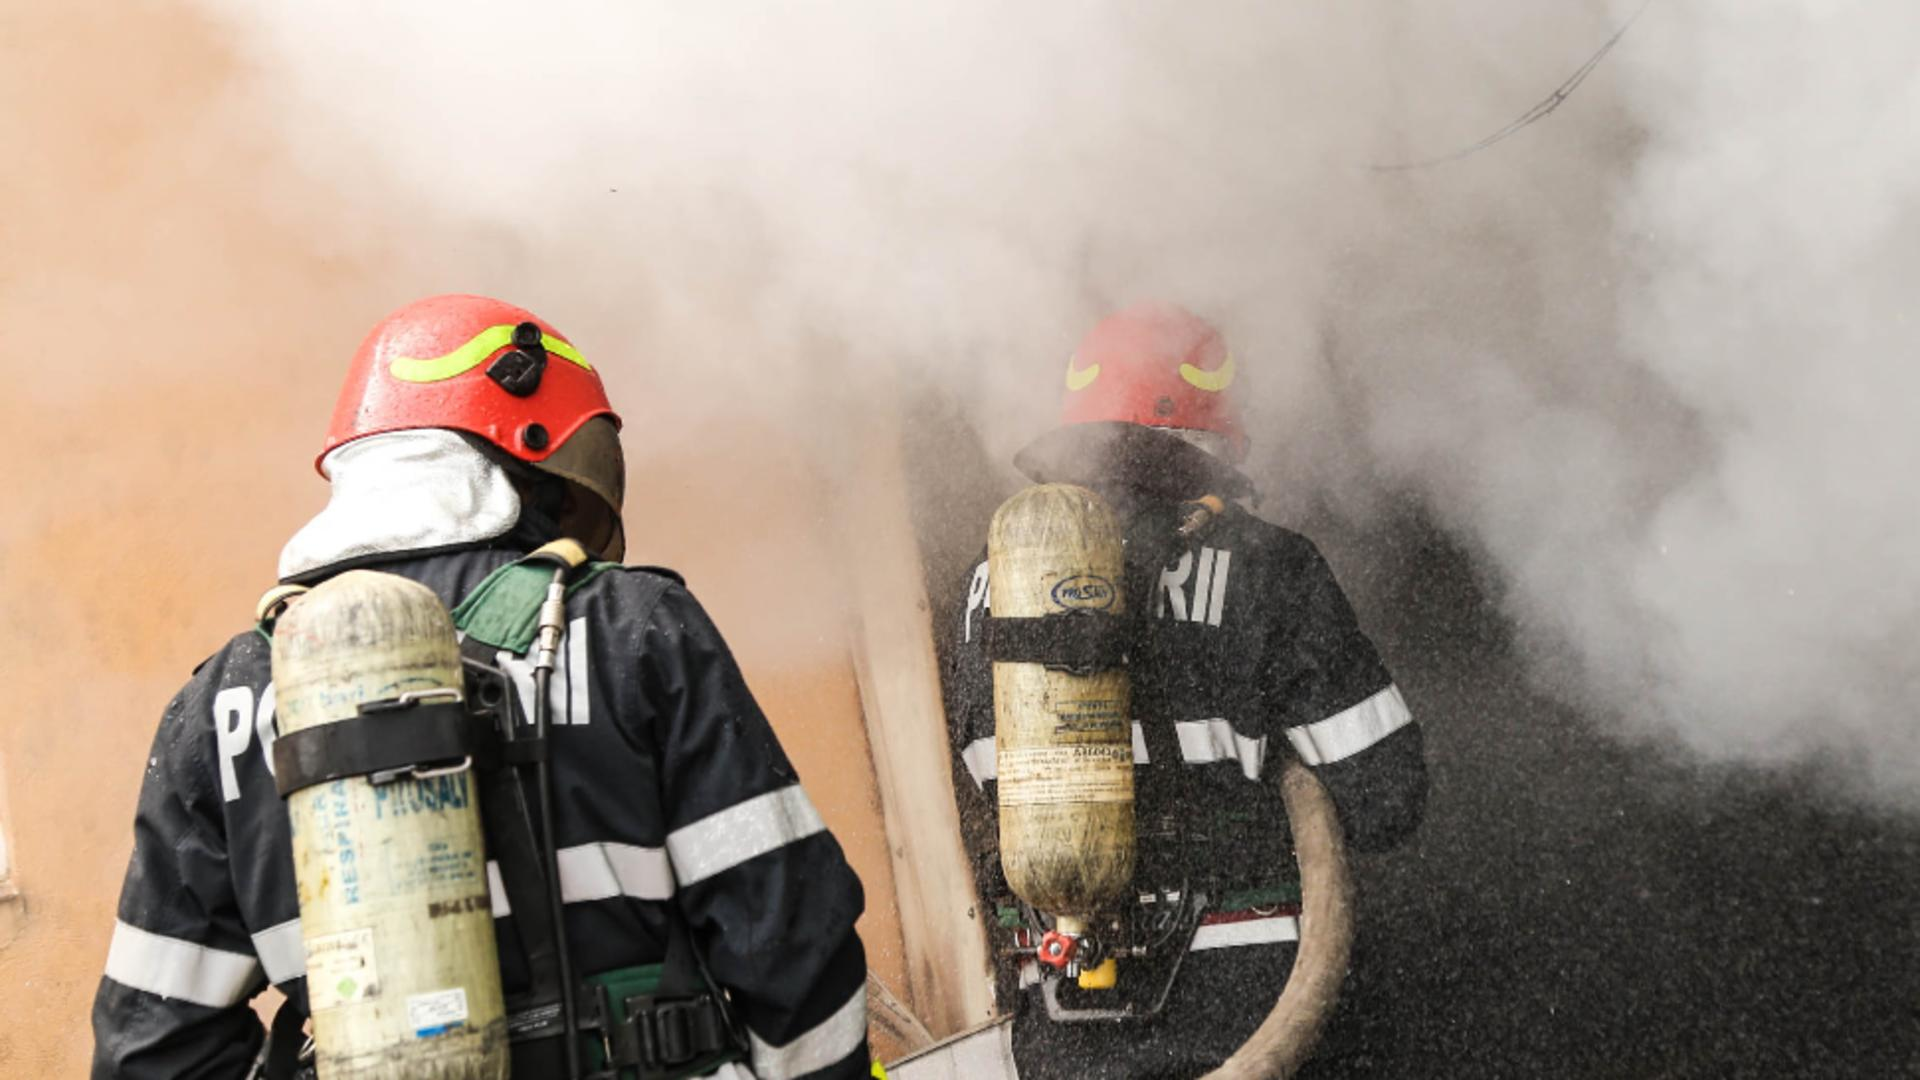 Bărbat găsit carbonizat după un incendiu la un hotel. Foto/Arhivă